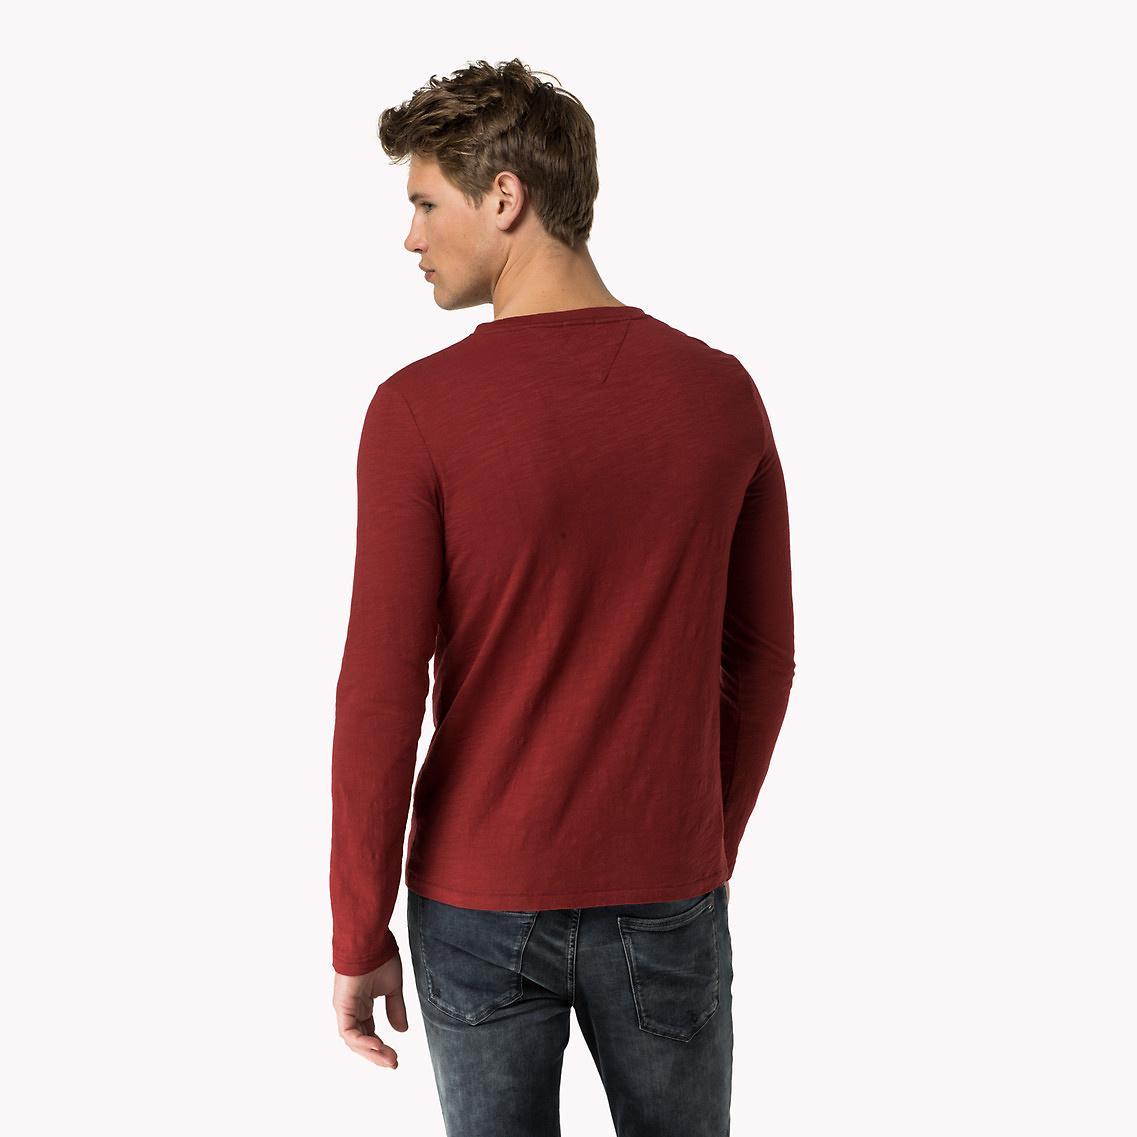 lyst tommy hilfiger hilfiger denim t shirt in red for men. Black Bedroom Furniture Sets. Home Design Ideas